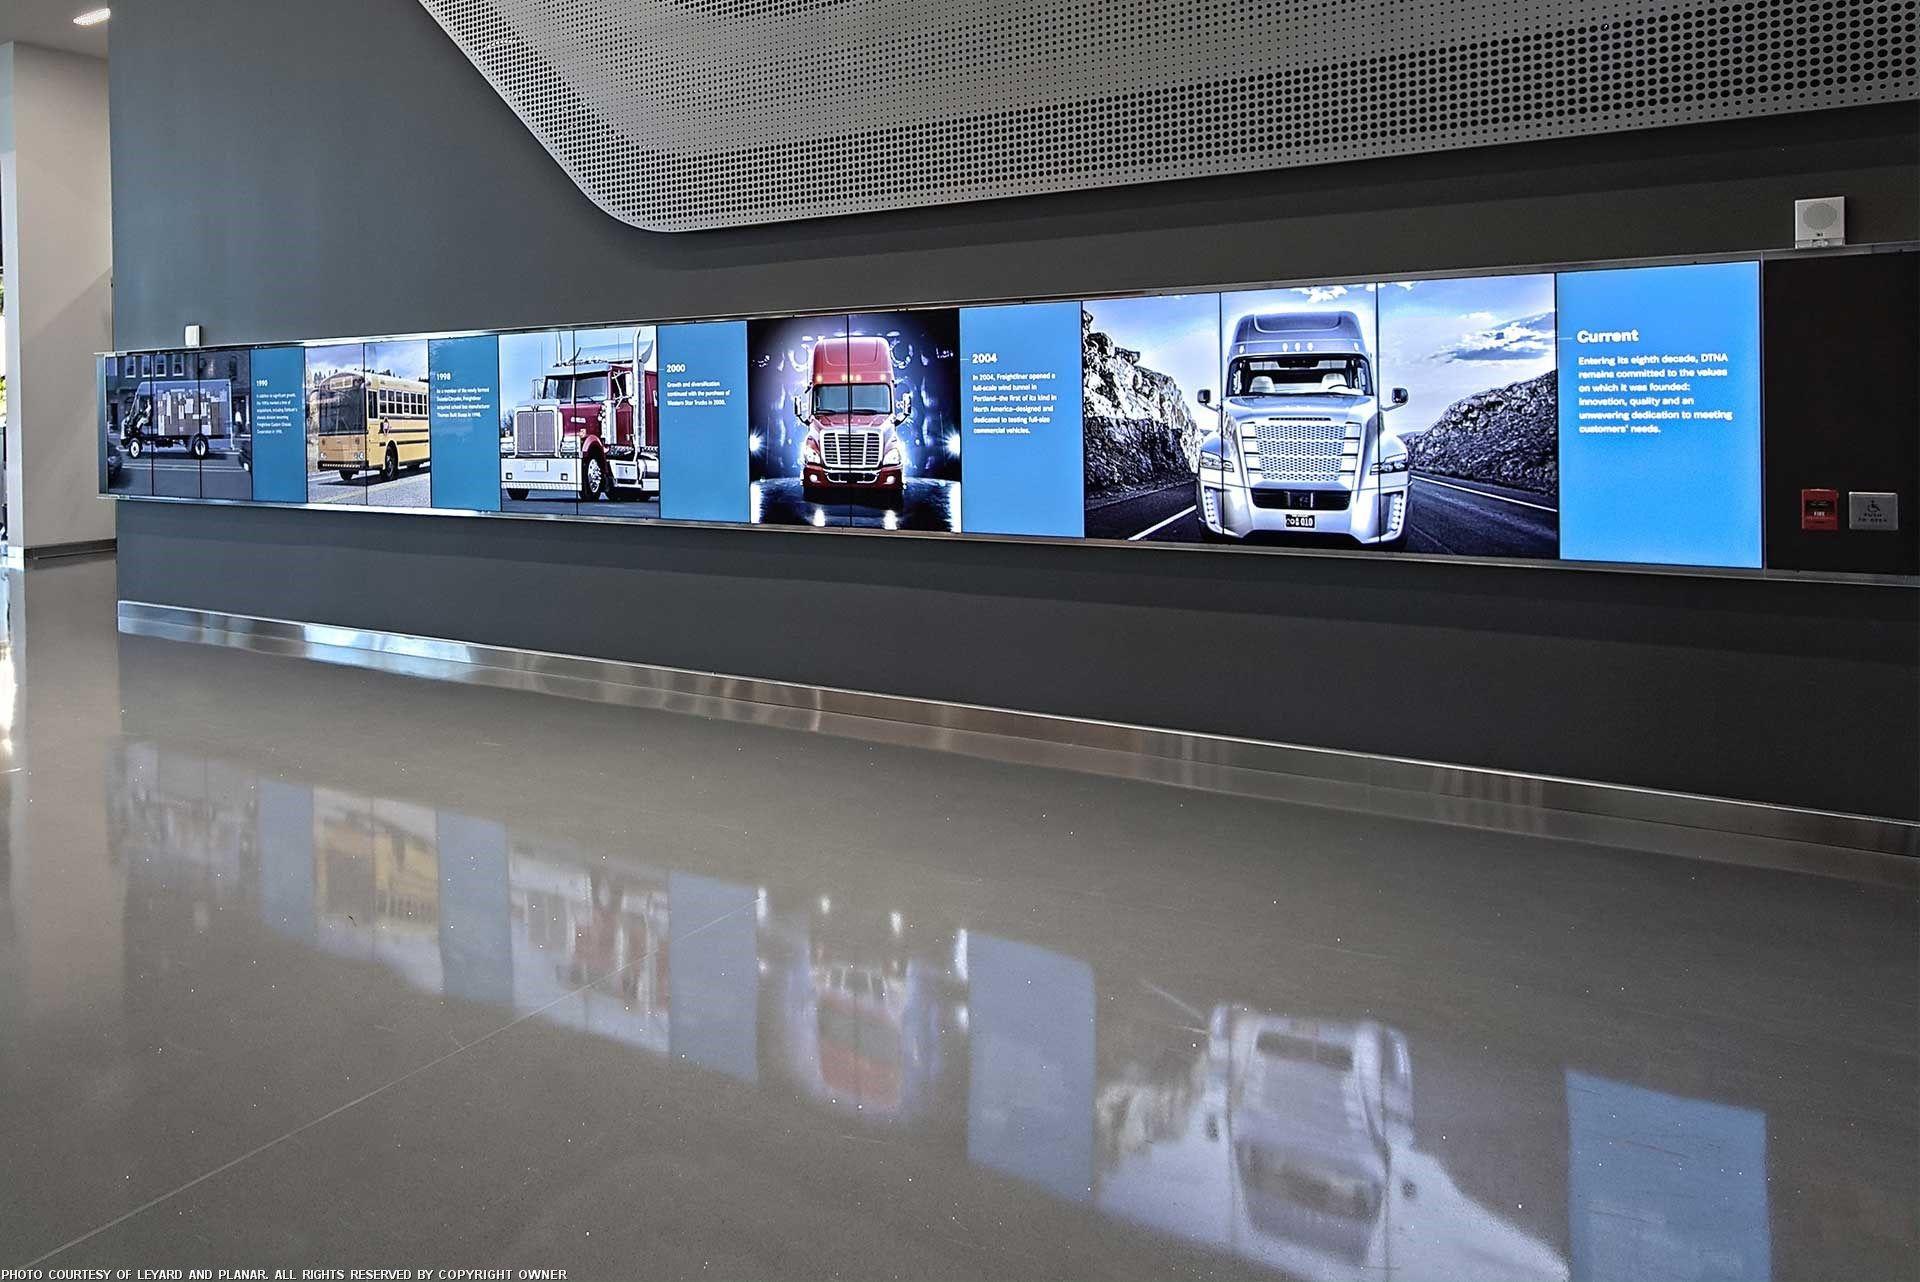 Leyard video wall as in DC bureau   CNN   Video wall